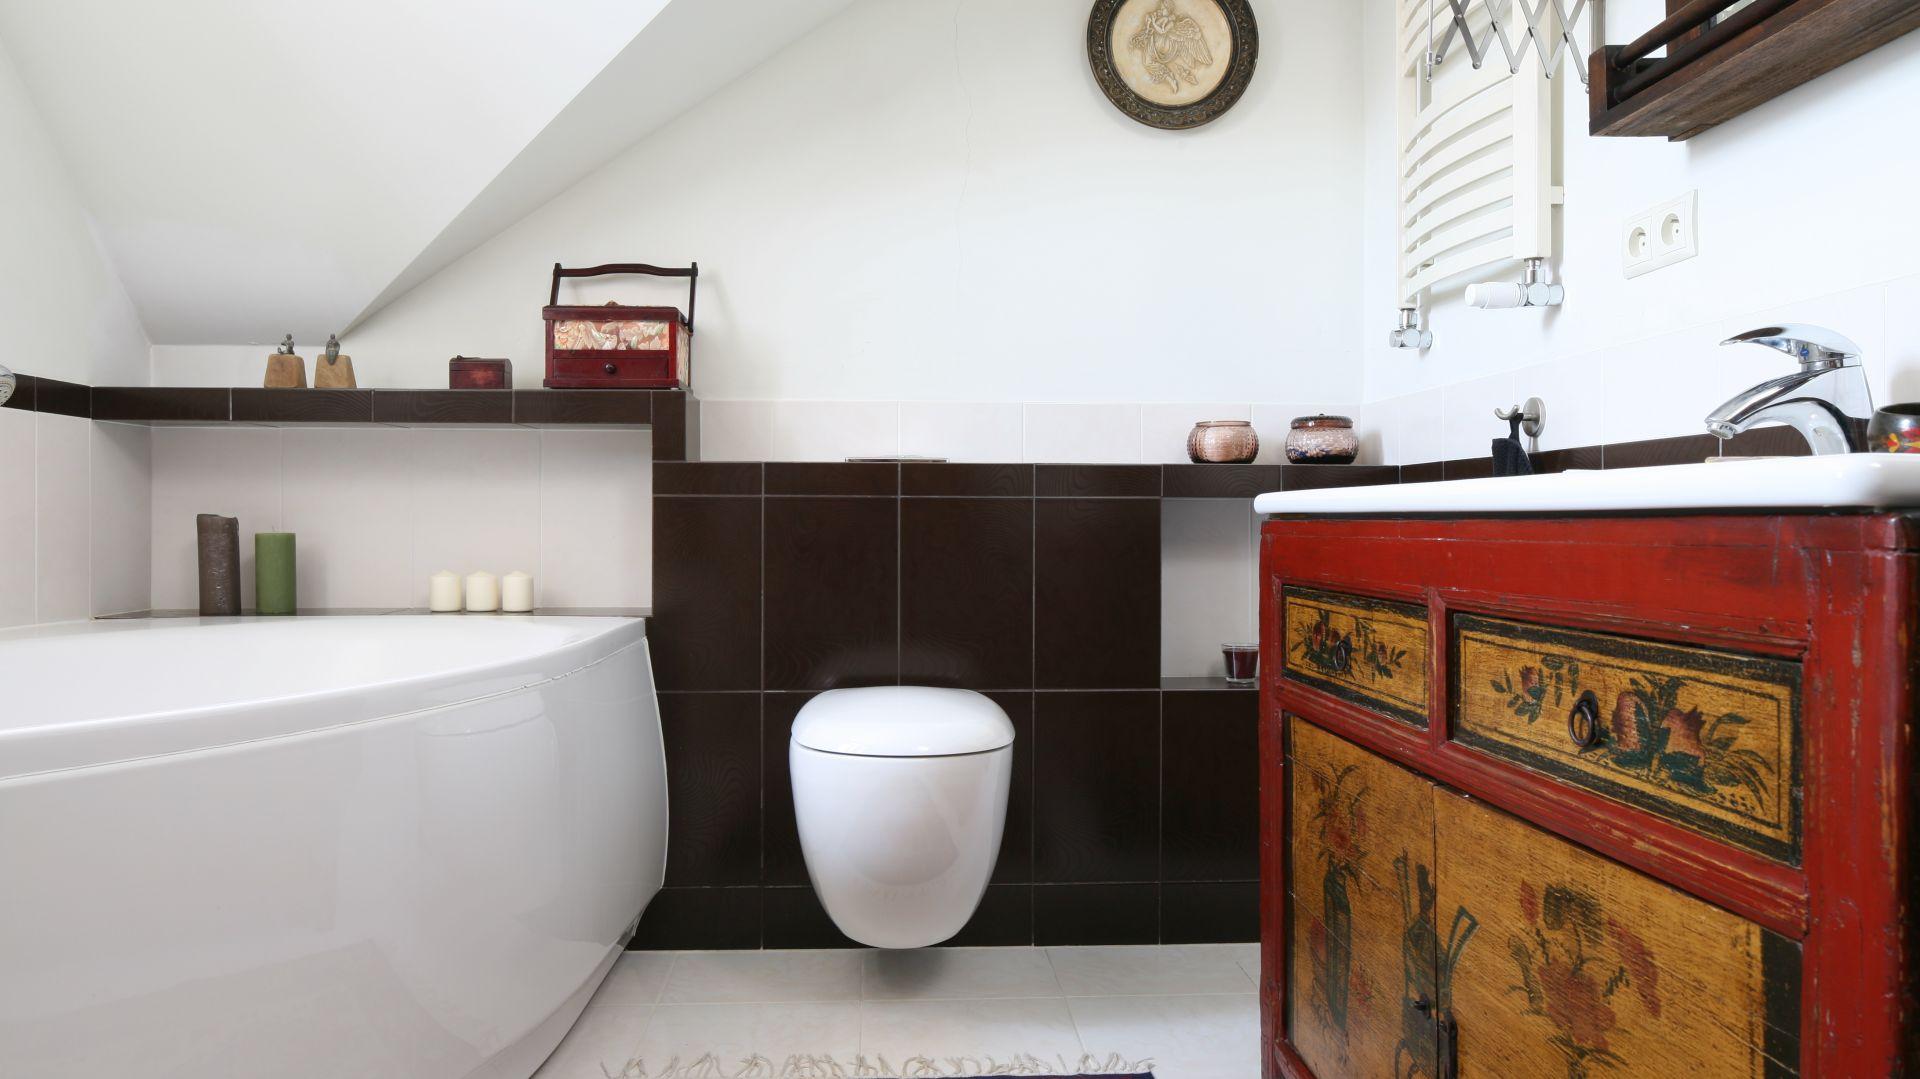 Modelowe rozmieszczenie: wanna – gdzie skos jest najniższy, sedes – przy ścianie o wysokości ok. 2 m, a umywalka – przy ścianie pełnej. Proj. Magdalena Krupczak. Fot. Bartosz Jarosz